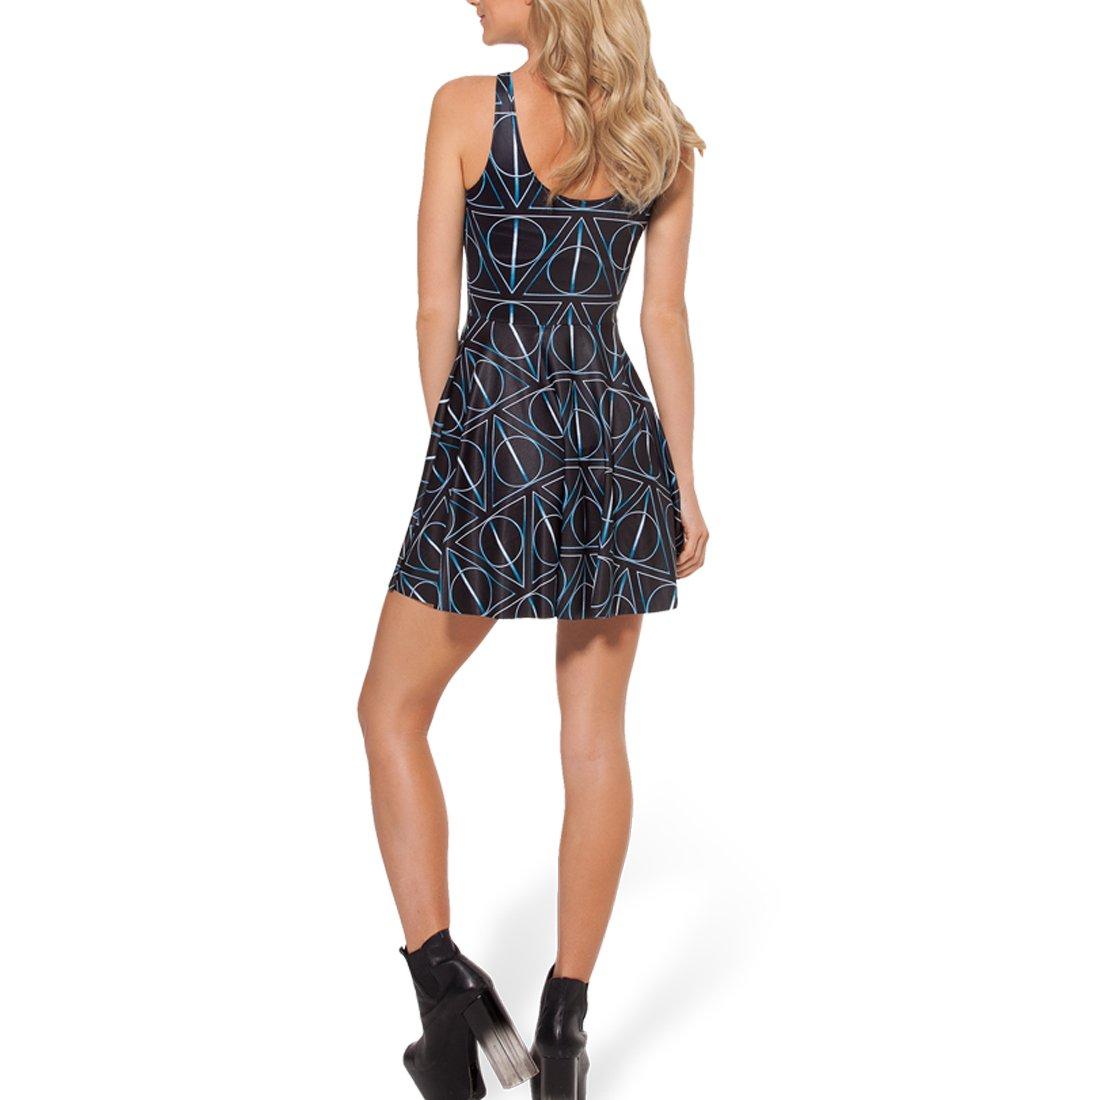 8a247adee7e06 SheOutfit Women's Hot Deathly Hallows Skater Dress